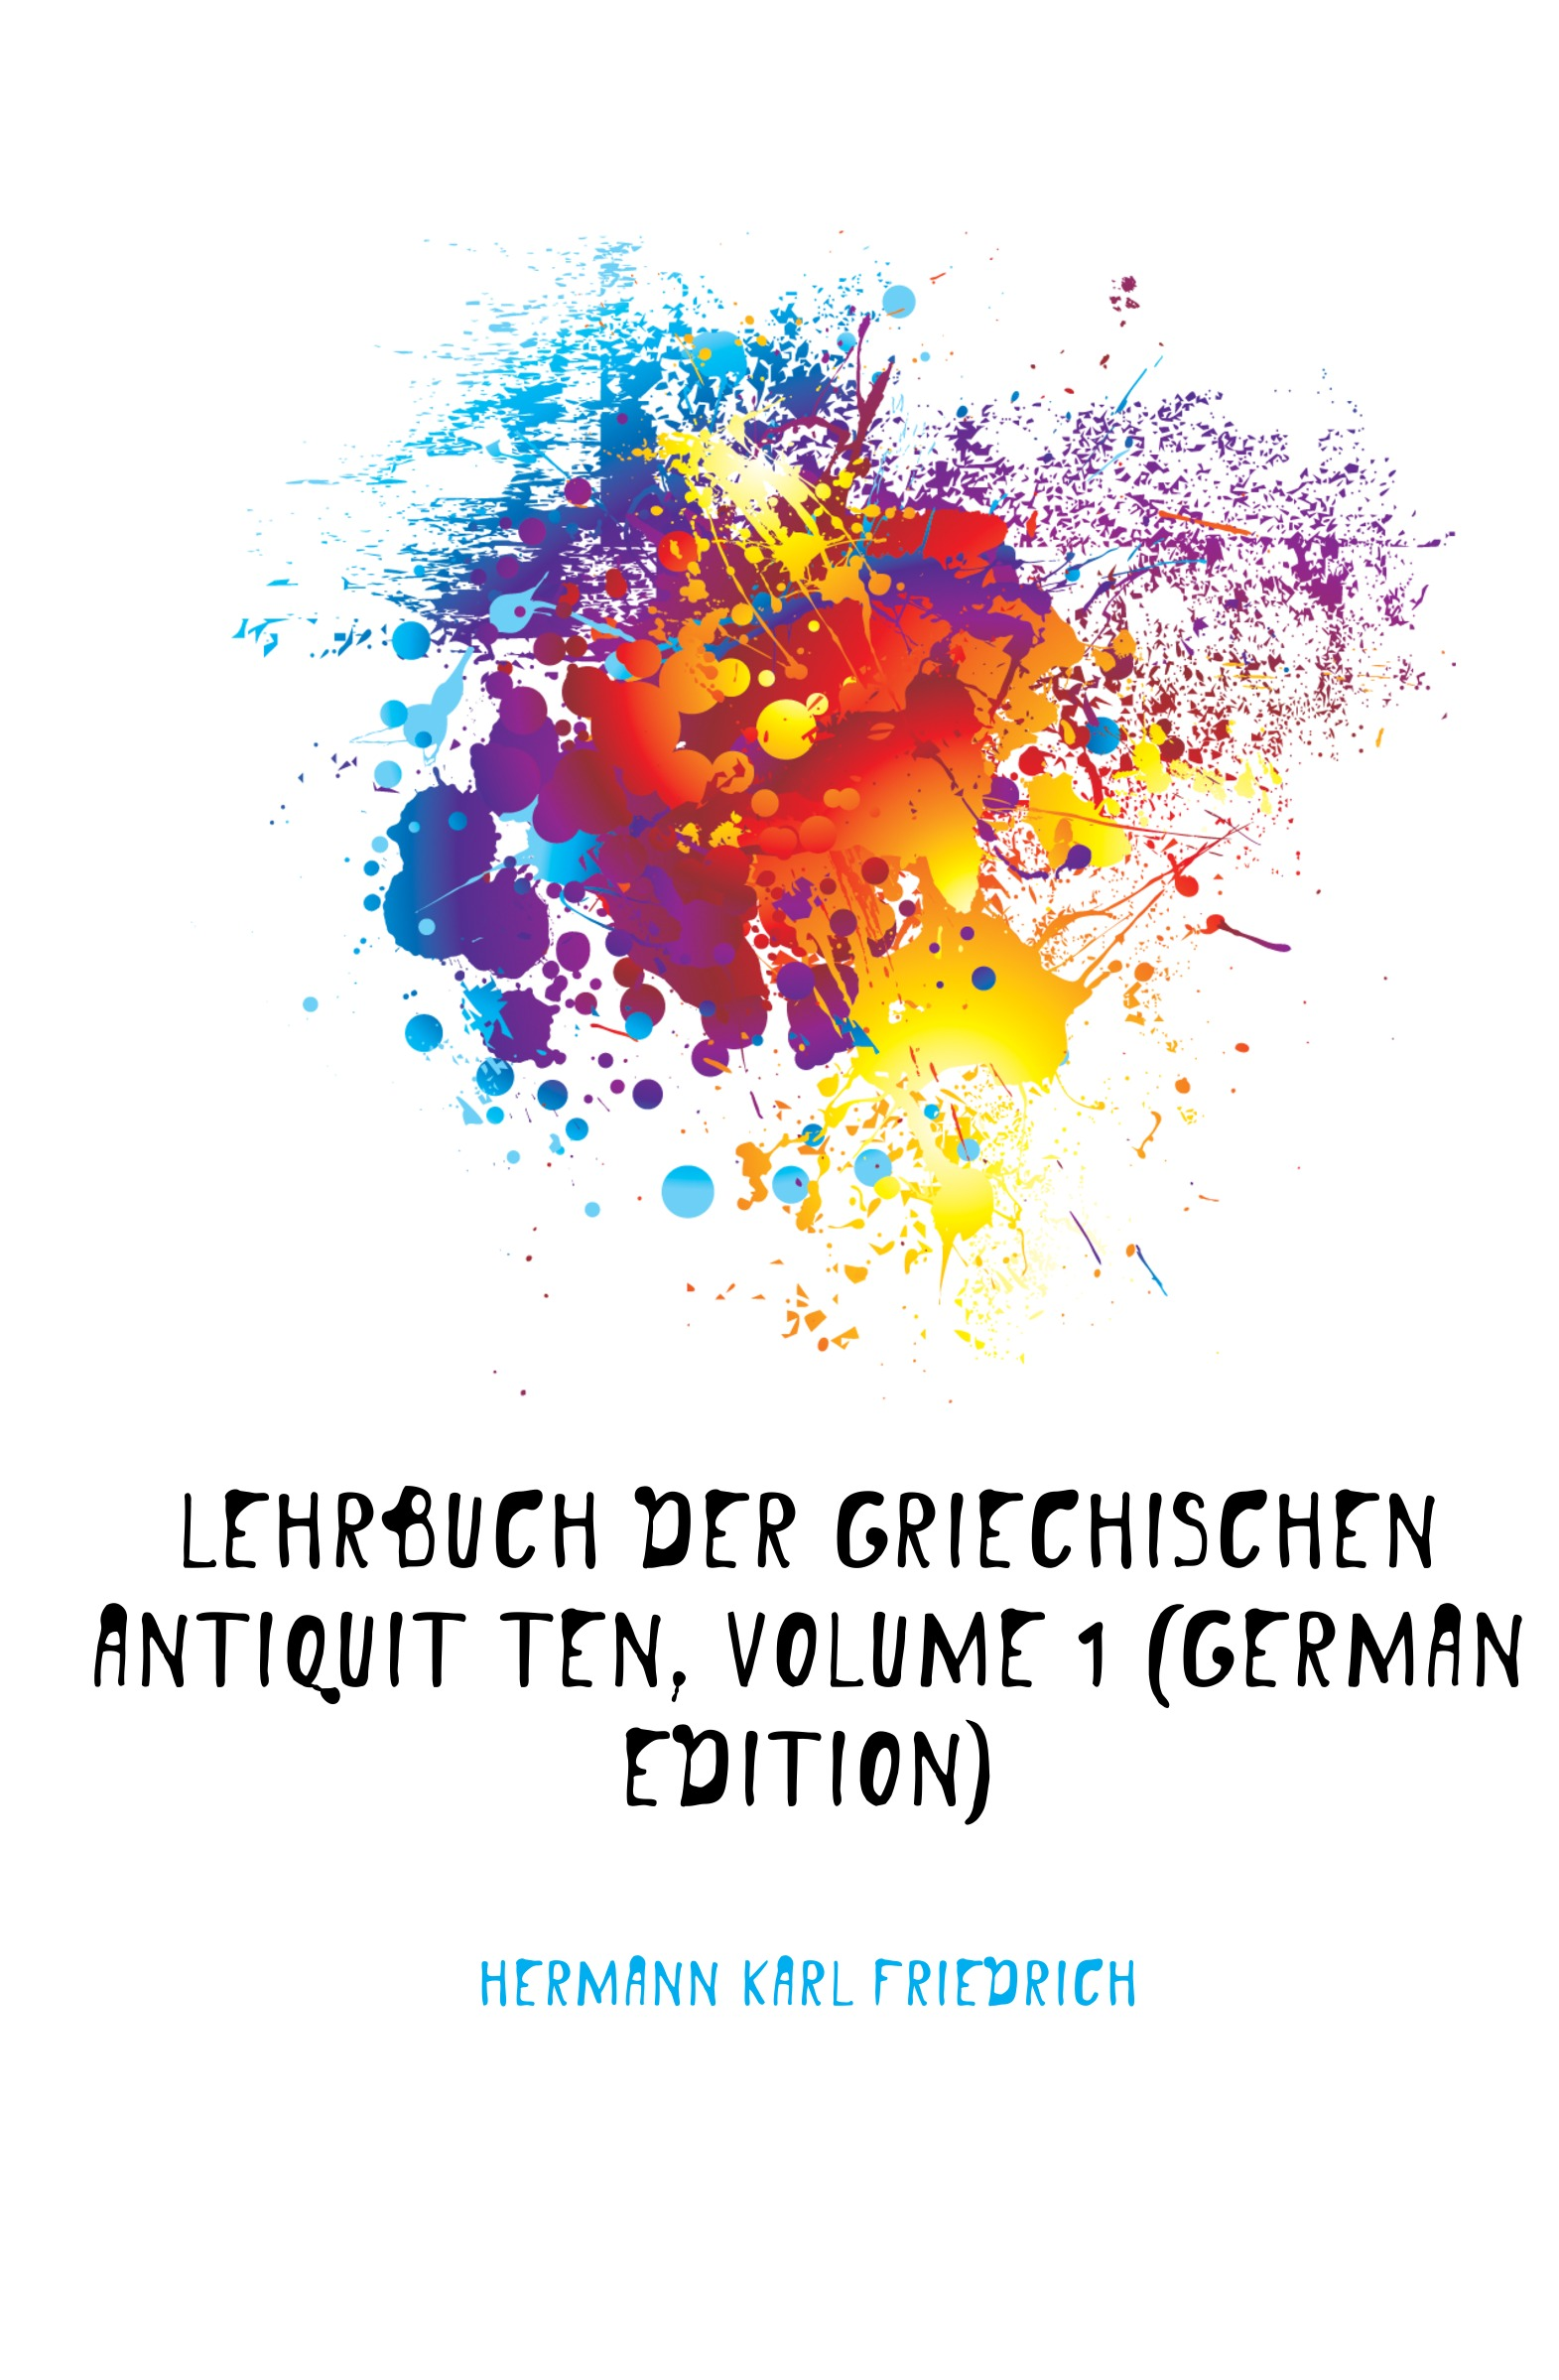 Hermann Karl Friedrich Lehrbuch Der Griechischen Antiquitaten, Volume 1 (German Edition) hermann karl friedrich lehrbuch der griechischen staatsalterthumer aus dem standpuncte der geschichte